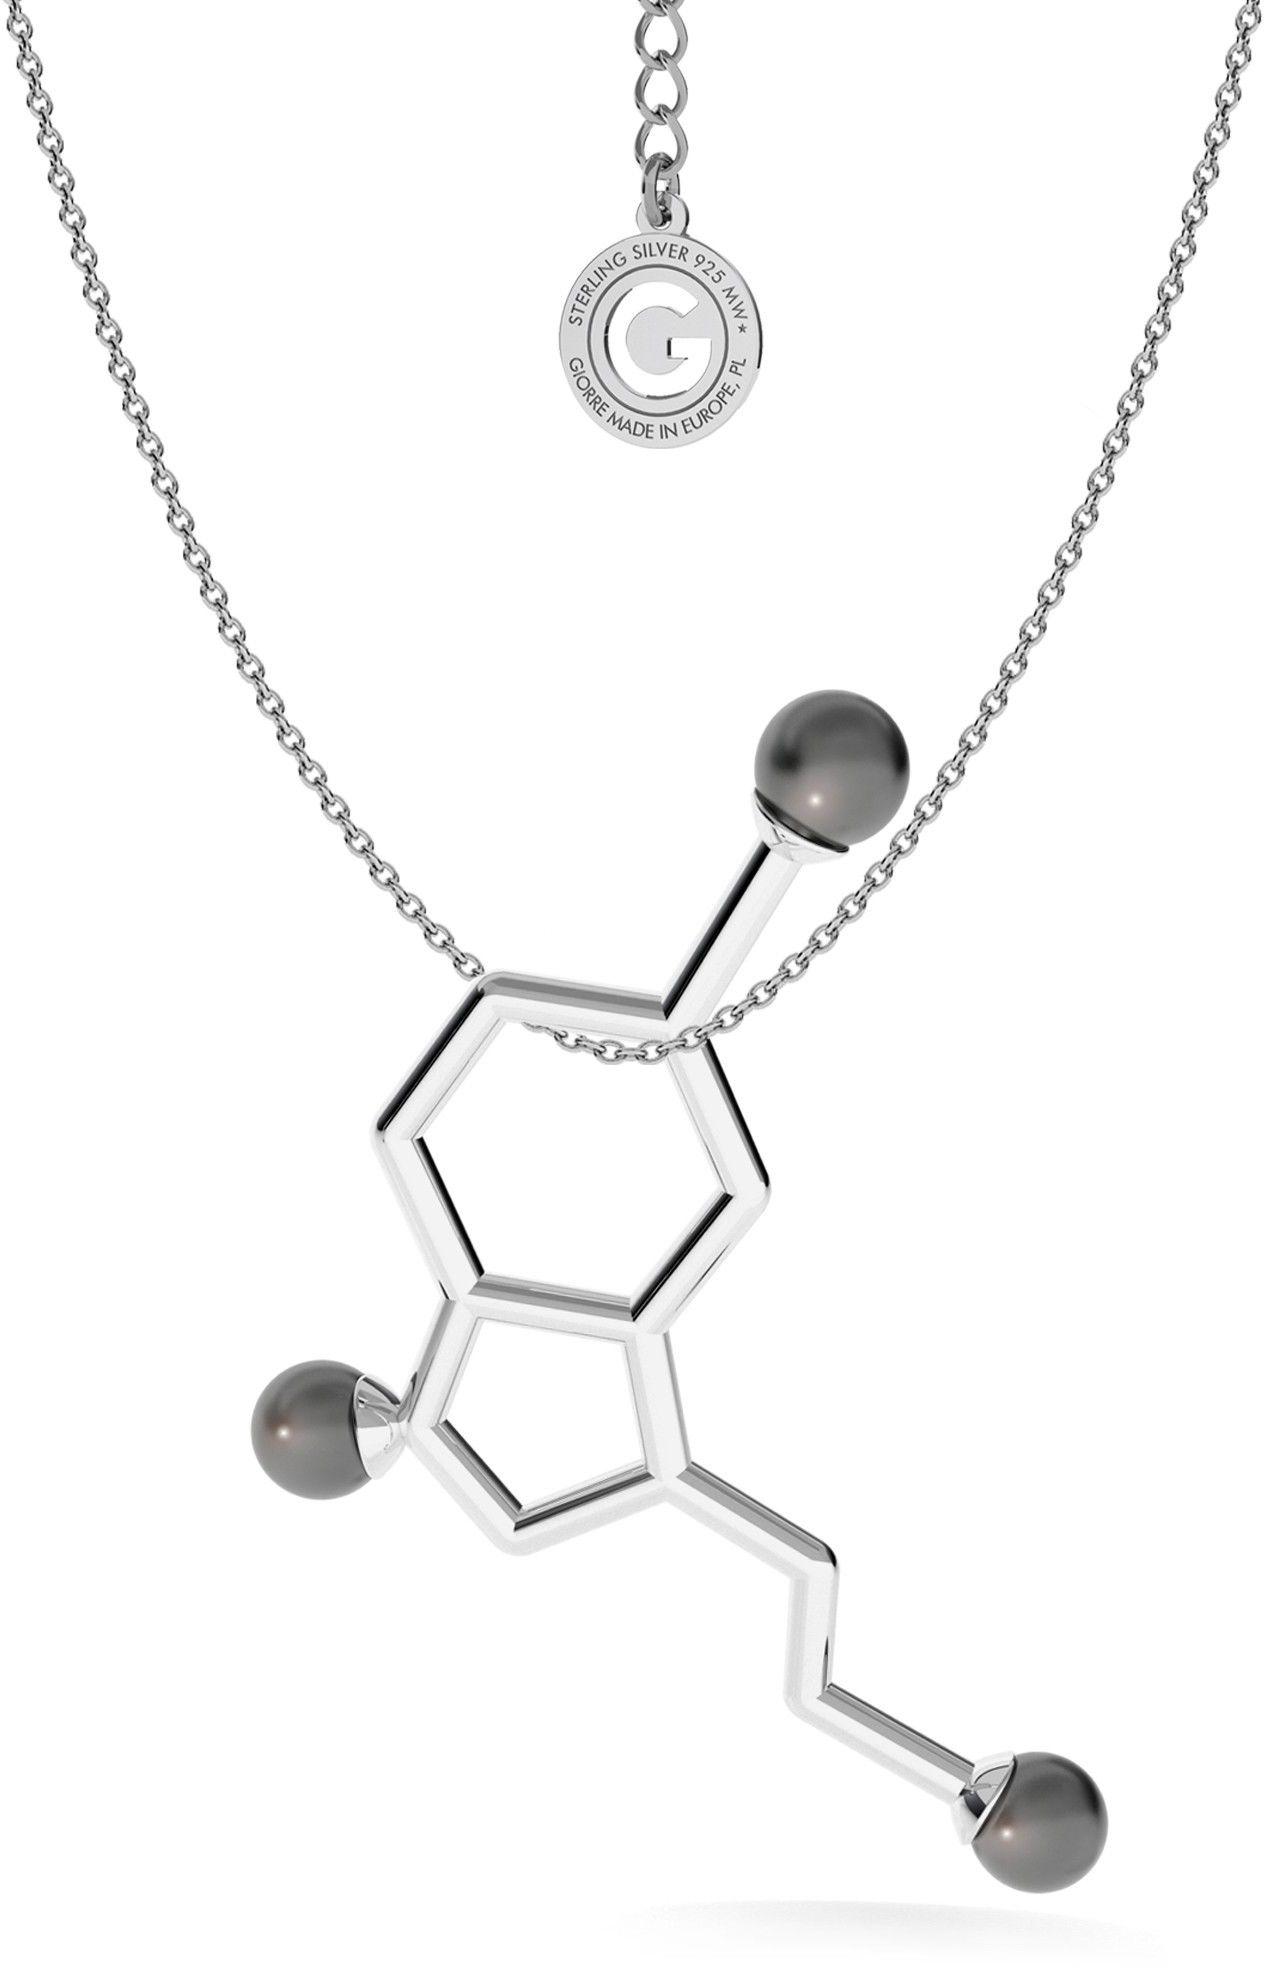 Srebrny naszyjnik - serotonina z dużymi perłami Swarovskiego, wzór chemiczny, srebro 925 : Perła - kolory - SWAROVSKI BLACK, Srebro - kolor pokrycia - Pokrycie platyną